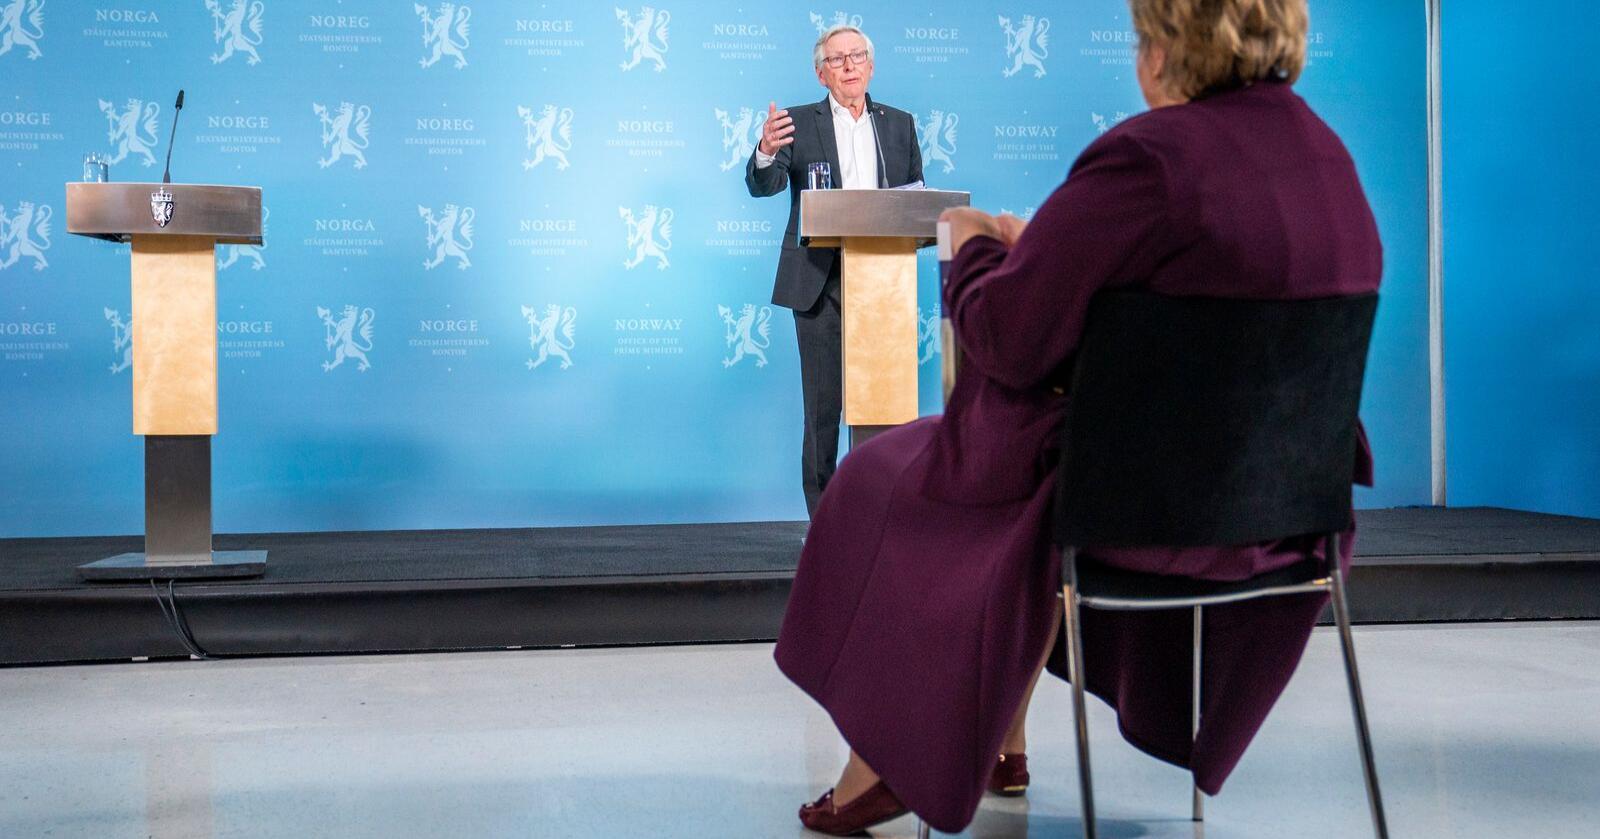 Koronakommisjonens leder Stener Kvinnsland overleverer kommisjonens sluttrapport til statsminister Erna Solberg på Statsministerens kontor i Oslo onsdag. Foto: Håkon Mosvold Larsen / NTB